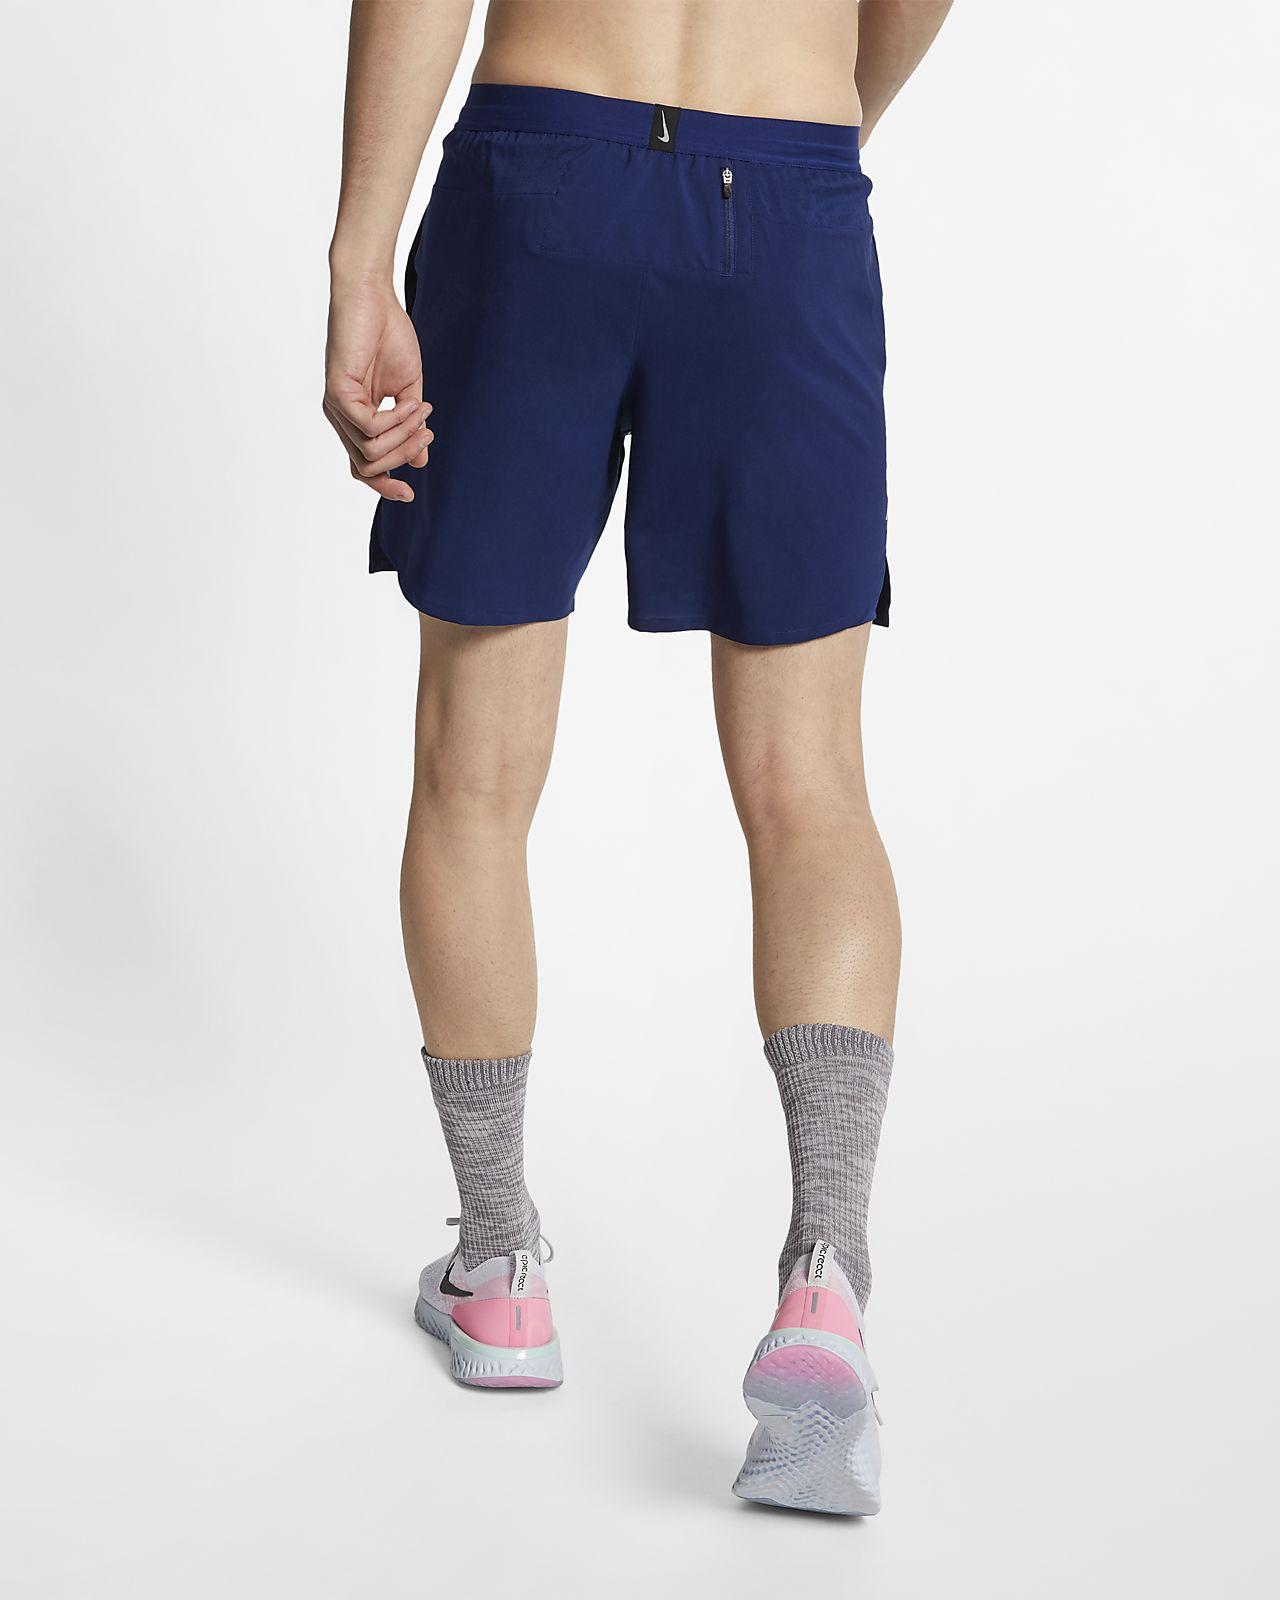 a4cff9f000a4 Nike Dri-FIT Flex Stride Men s 7